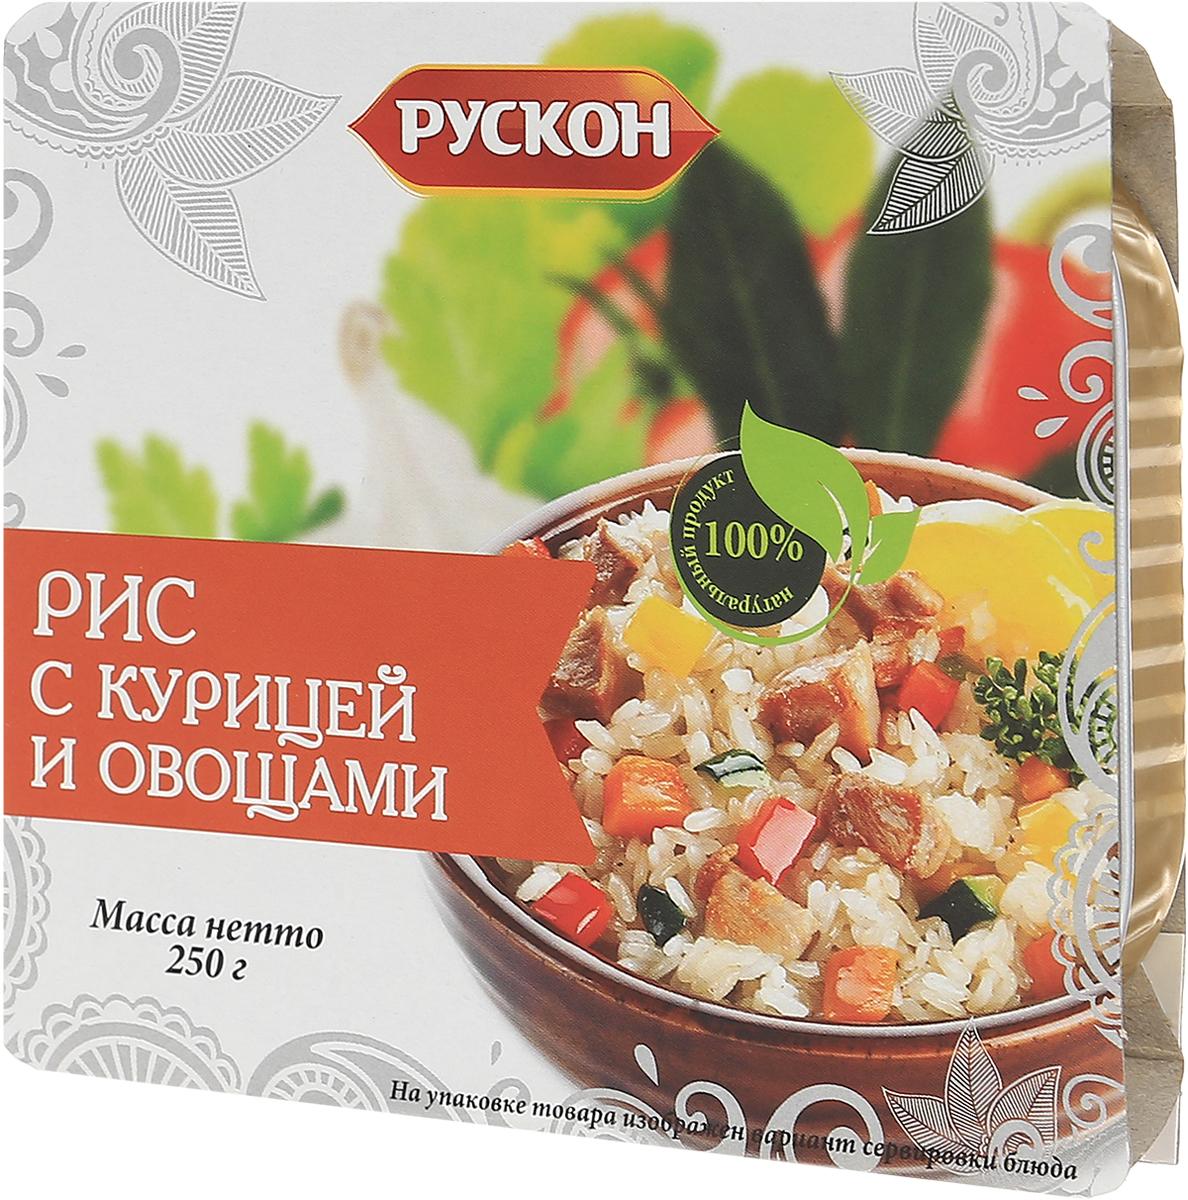 Рускон рис с курицей и овощами, 250 г5352Рис с курицей и овощами Рускон отлично подойдет для перекуса в походе, на даче, рыбалке. Продукцию Рускон удобно брать с собой благодаря своей компактной упаковке, которую можно легко открыть в любой момент. Продукция Рускон не требует специальных условий хранения, транспортировки и приготовления. Готовые блюда Рускон одинаково удобно разогревать как на сковороде или в микроволновке, так и в походных условиях на газовой или спиртовой горелке. Уважаемые клиенты! Обращаем ваше внимание, что полный перечень состава продукта представлен на дополнительном изображении.